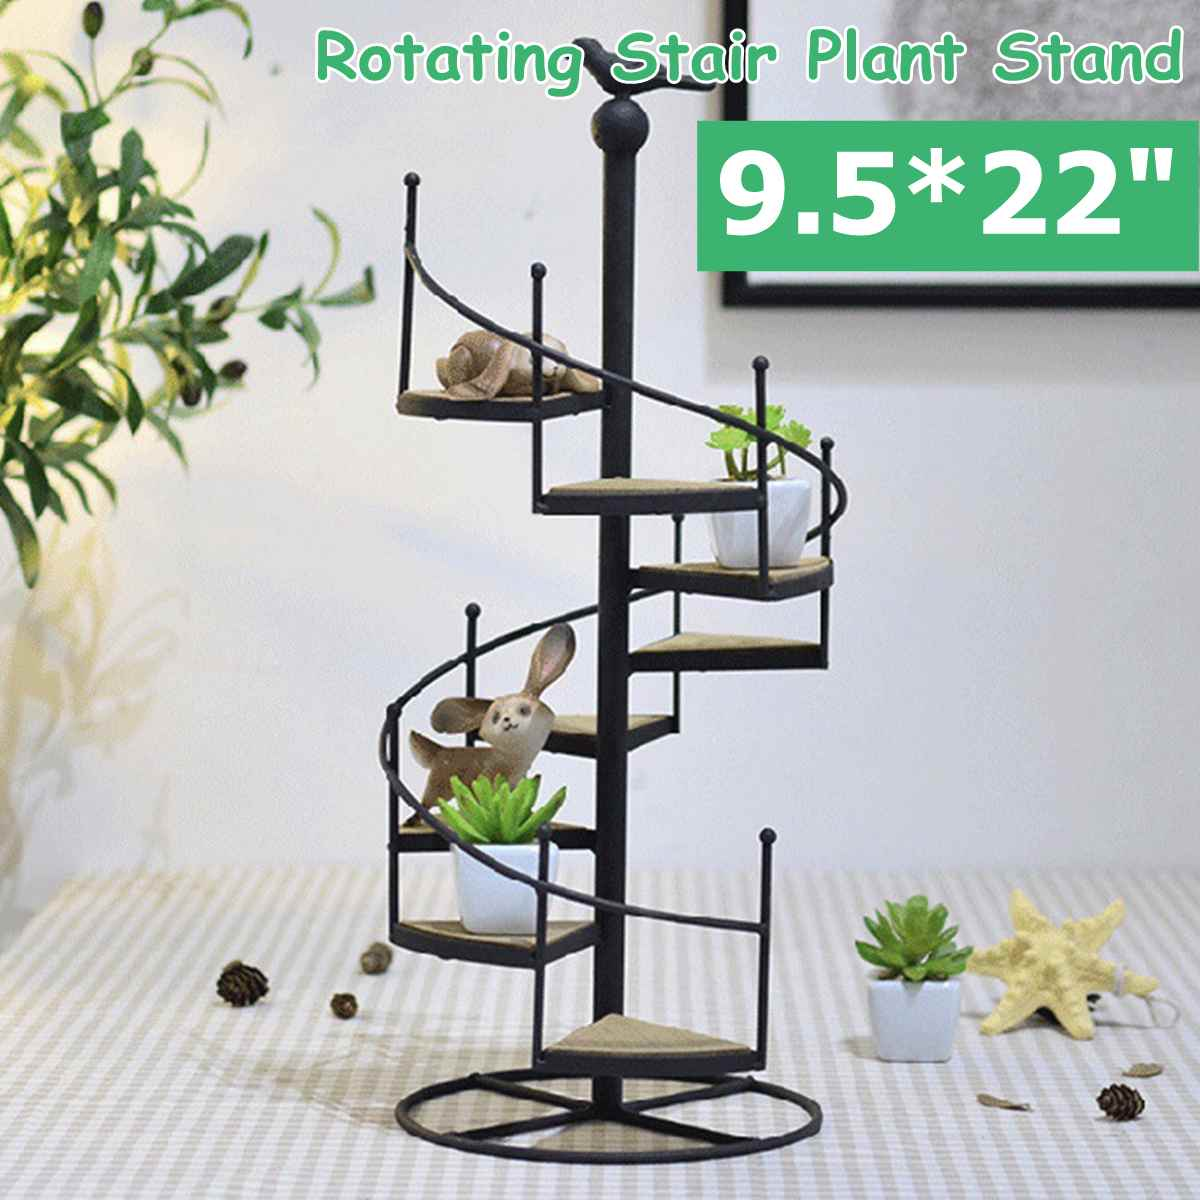 Tesisi raf dekoratif demir tesisi raf standı bitkiler etli raf 8 katmanlı merdiven şekli masaüstü bahçe çiçek standı